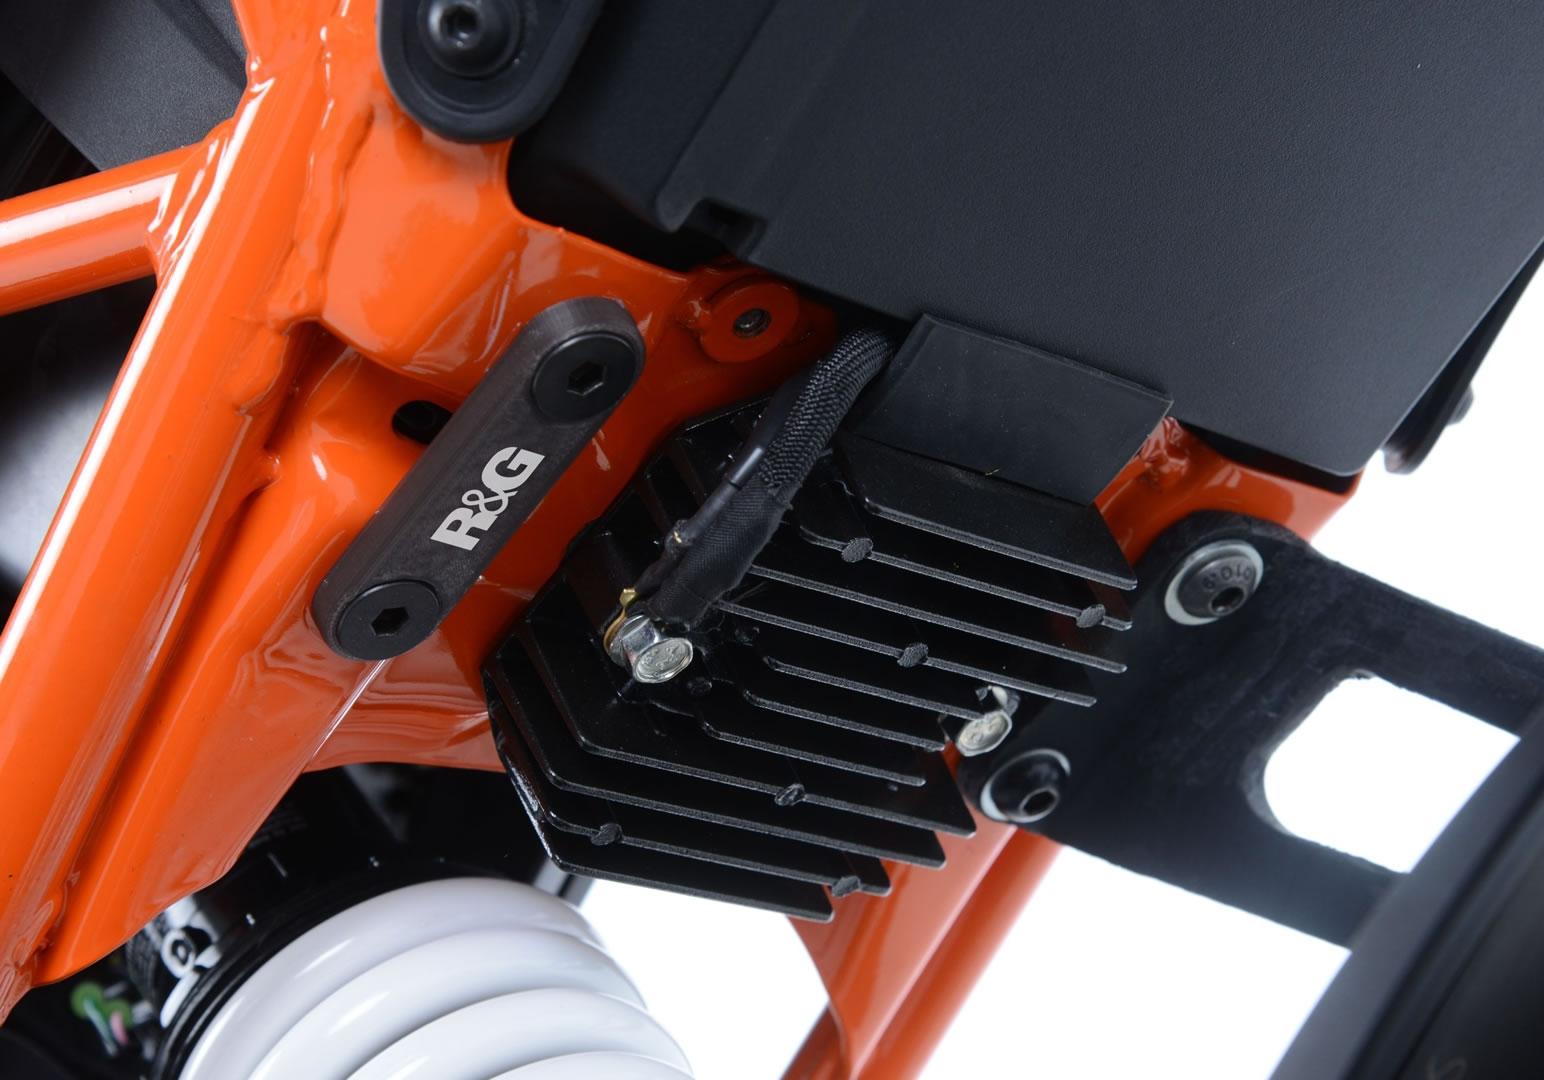 Kit de suppression de repose-pieds arrière R&G Racing KTM 125 Duke 17-